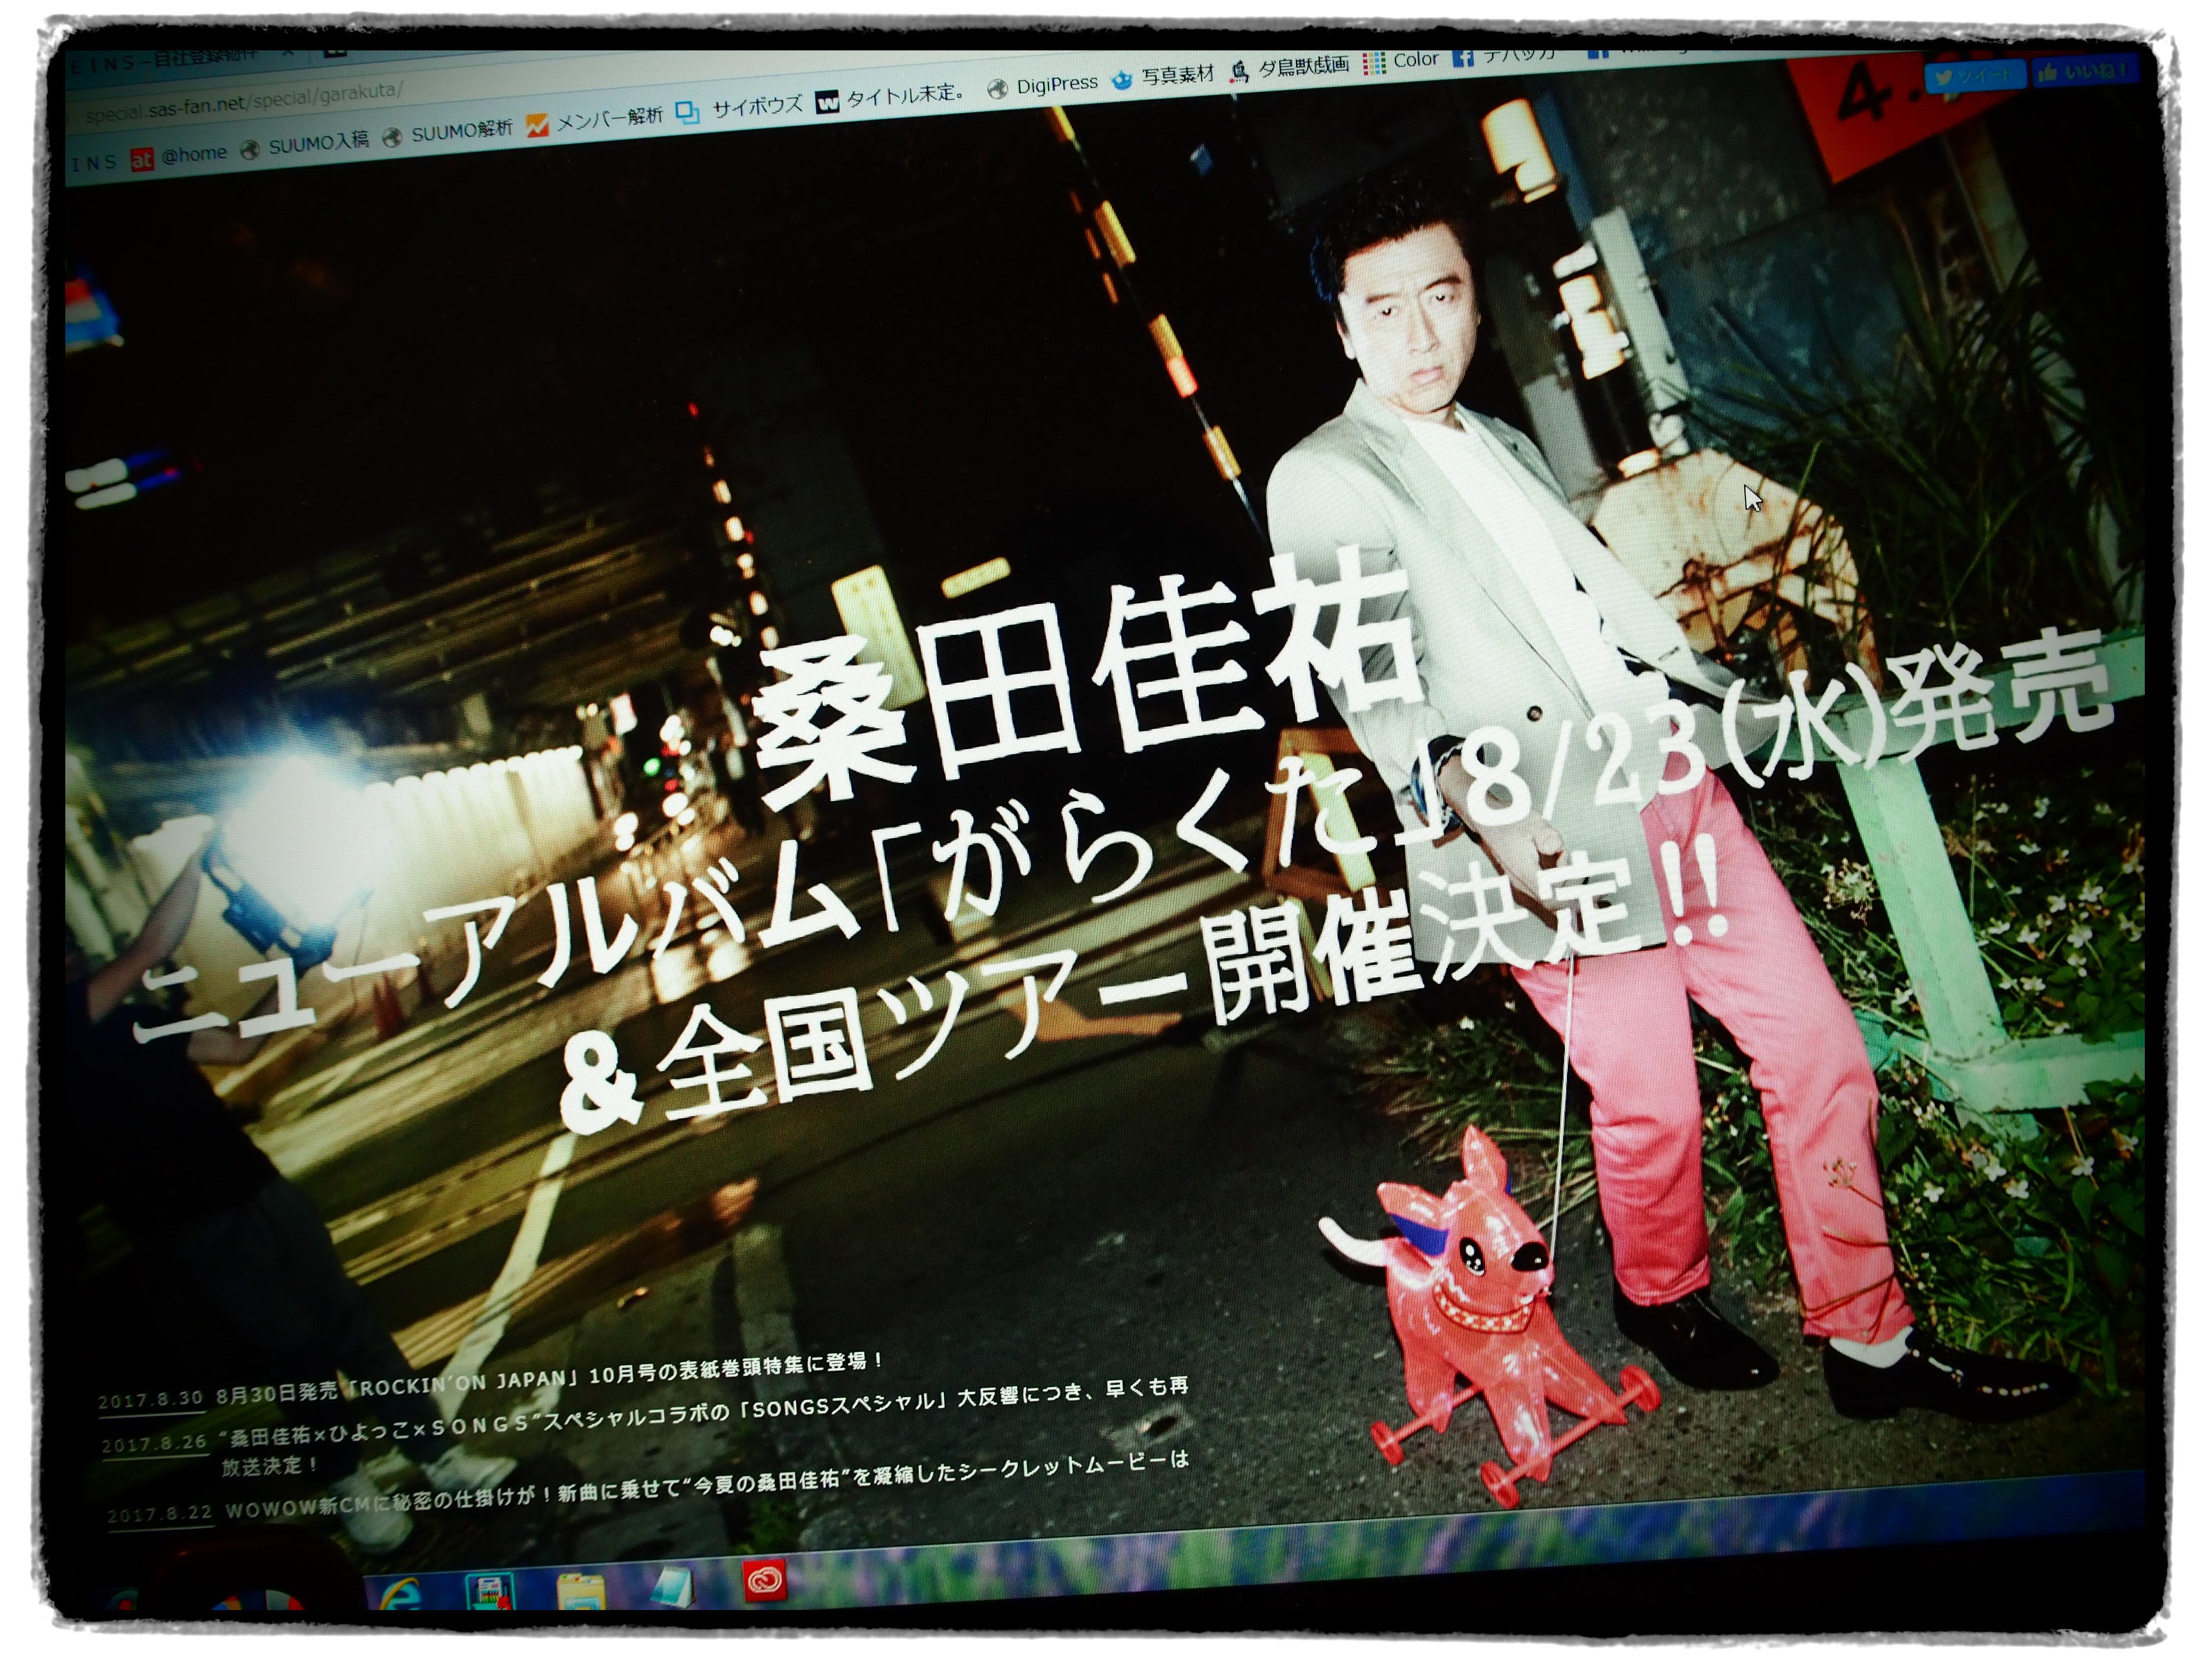 桑田圭佑 LIVETOUR2017「がらくた」チケット当選!